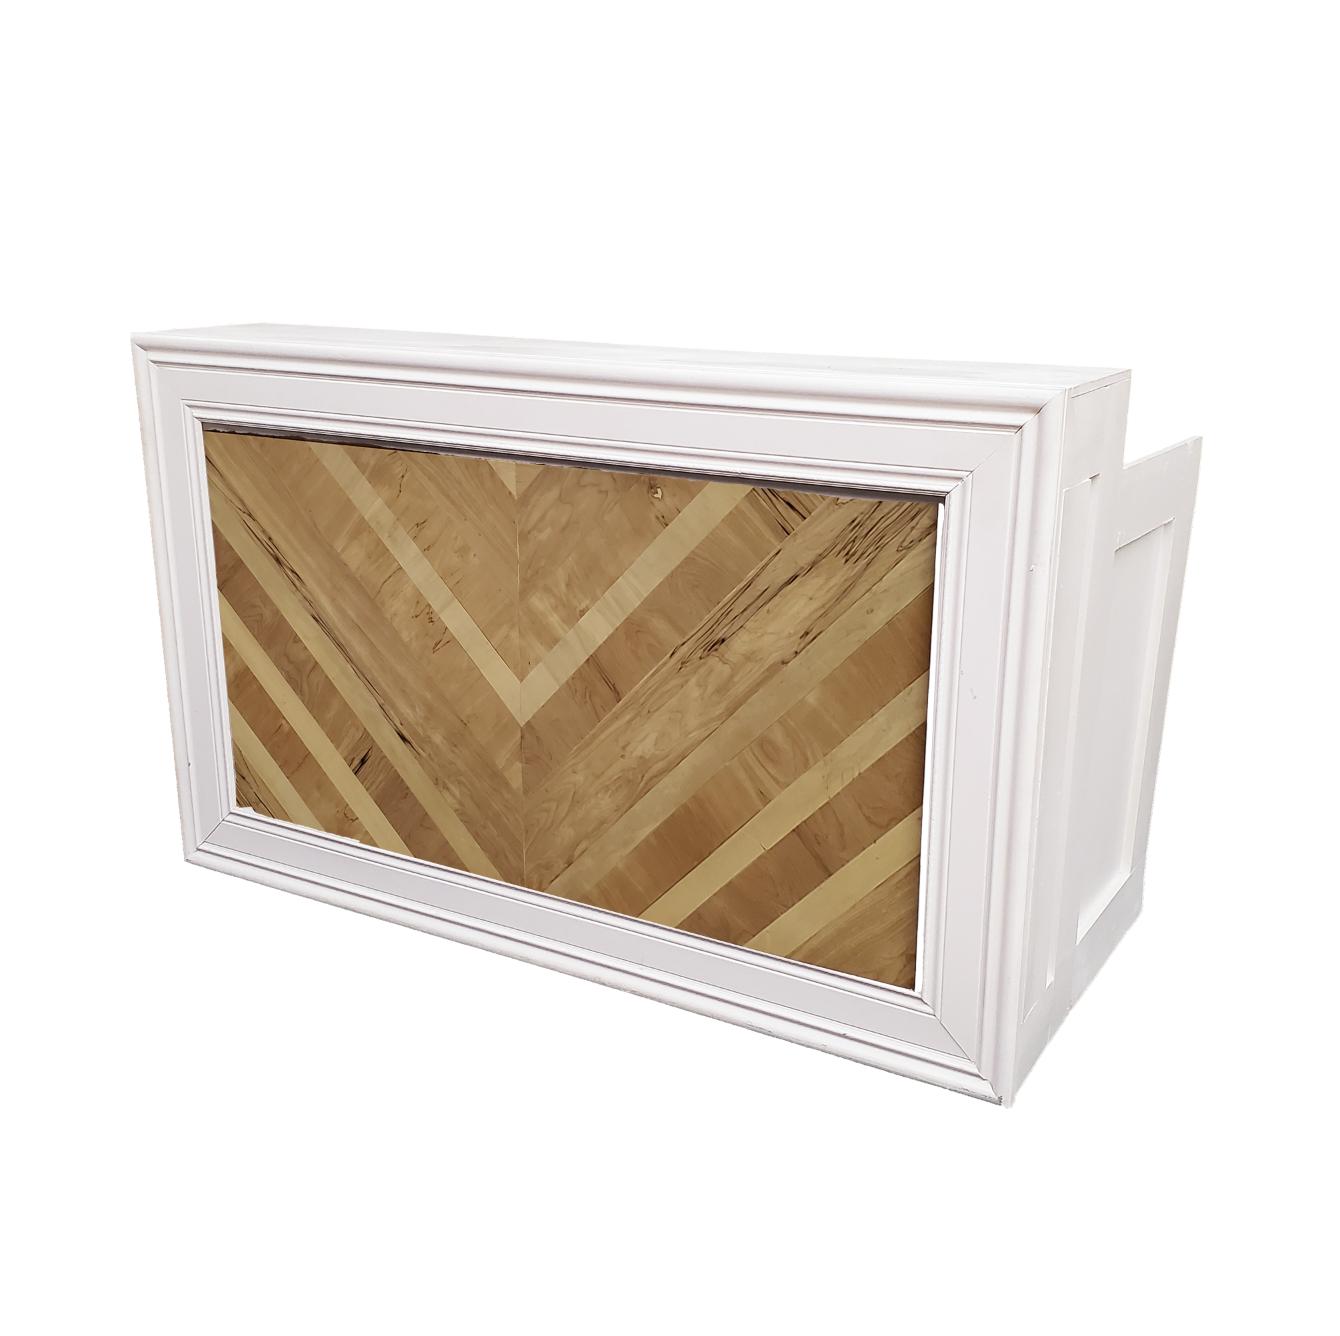 White Frame/Herringbone Insert $250